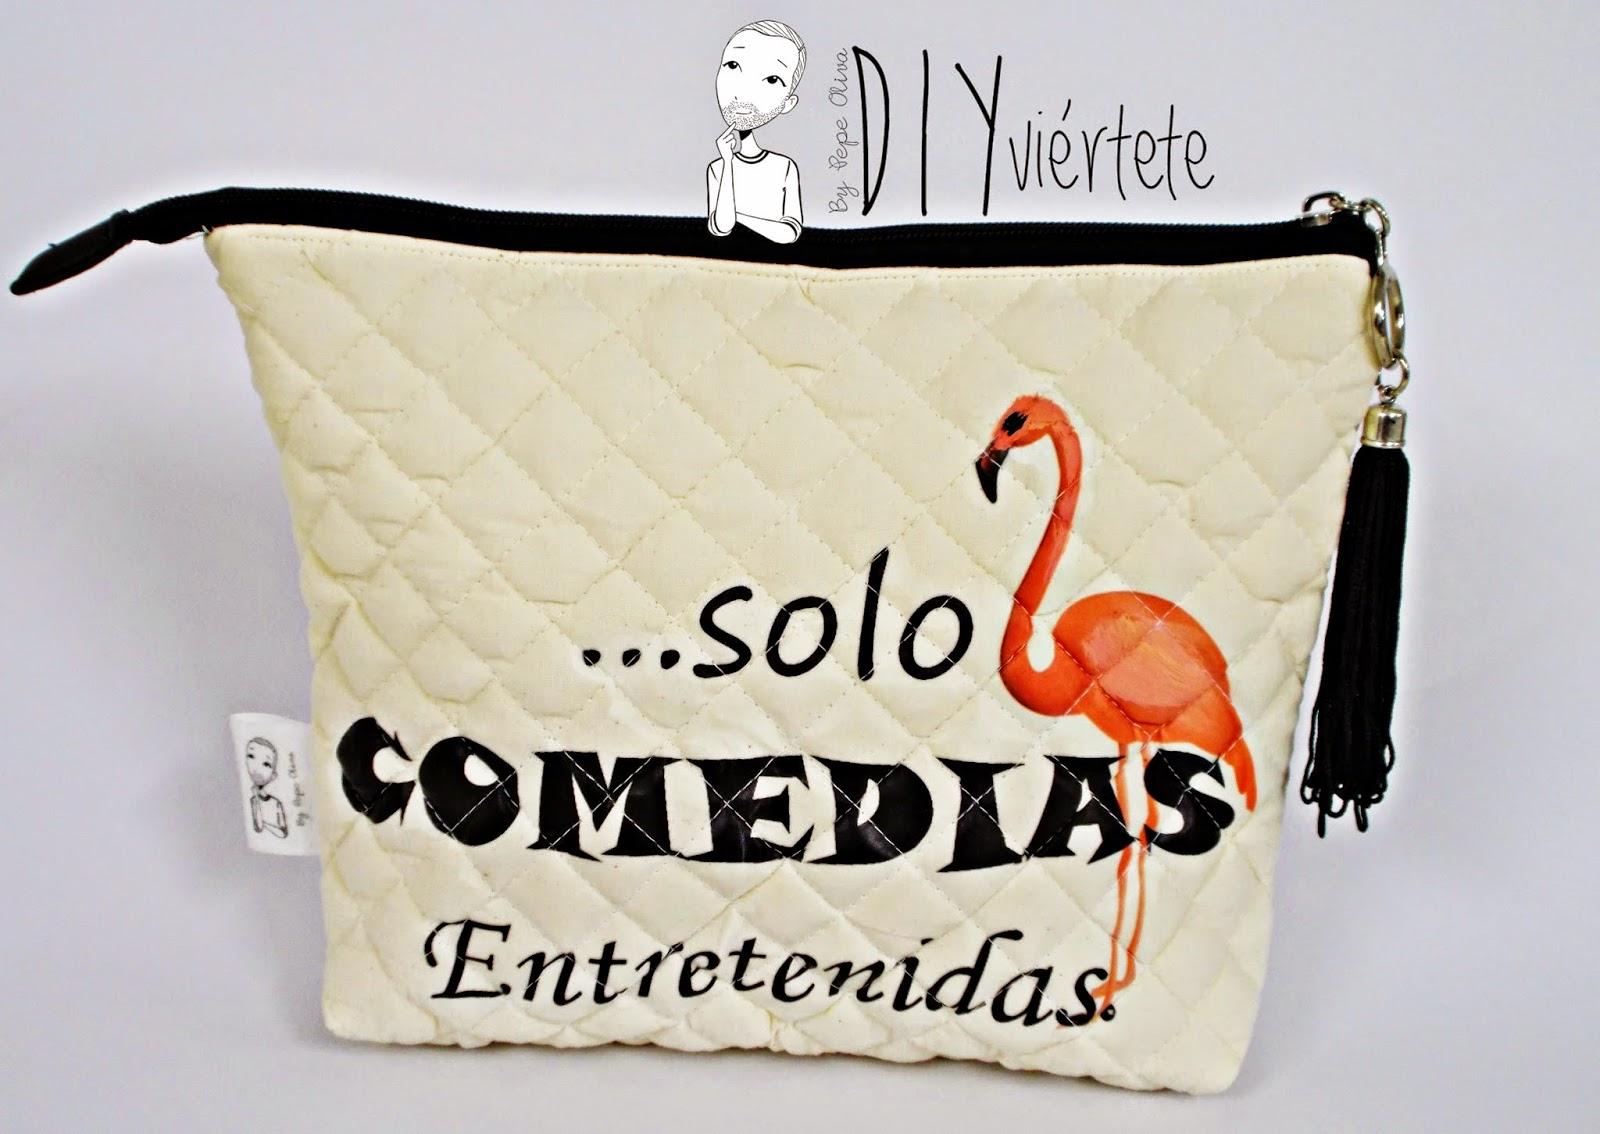 DIY-costura-clutch-cartera-neceser-bolsito-monedero-letras-fangoria-dramas y comedias-frases- (1)3